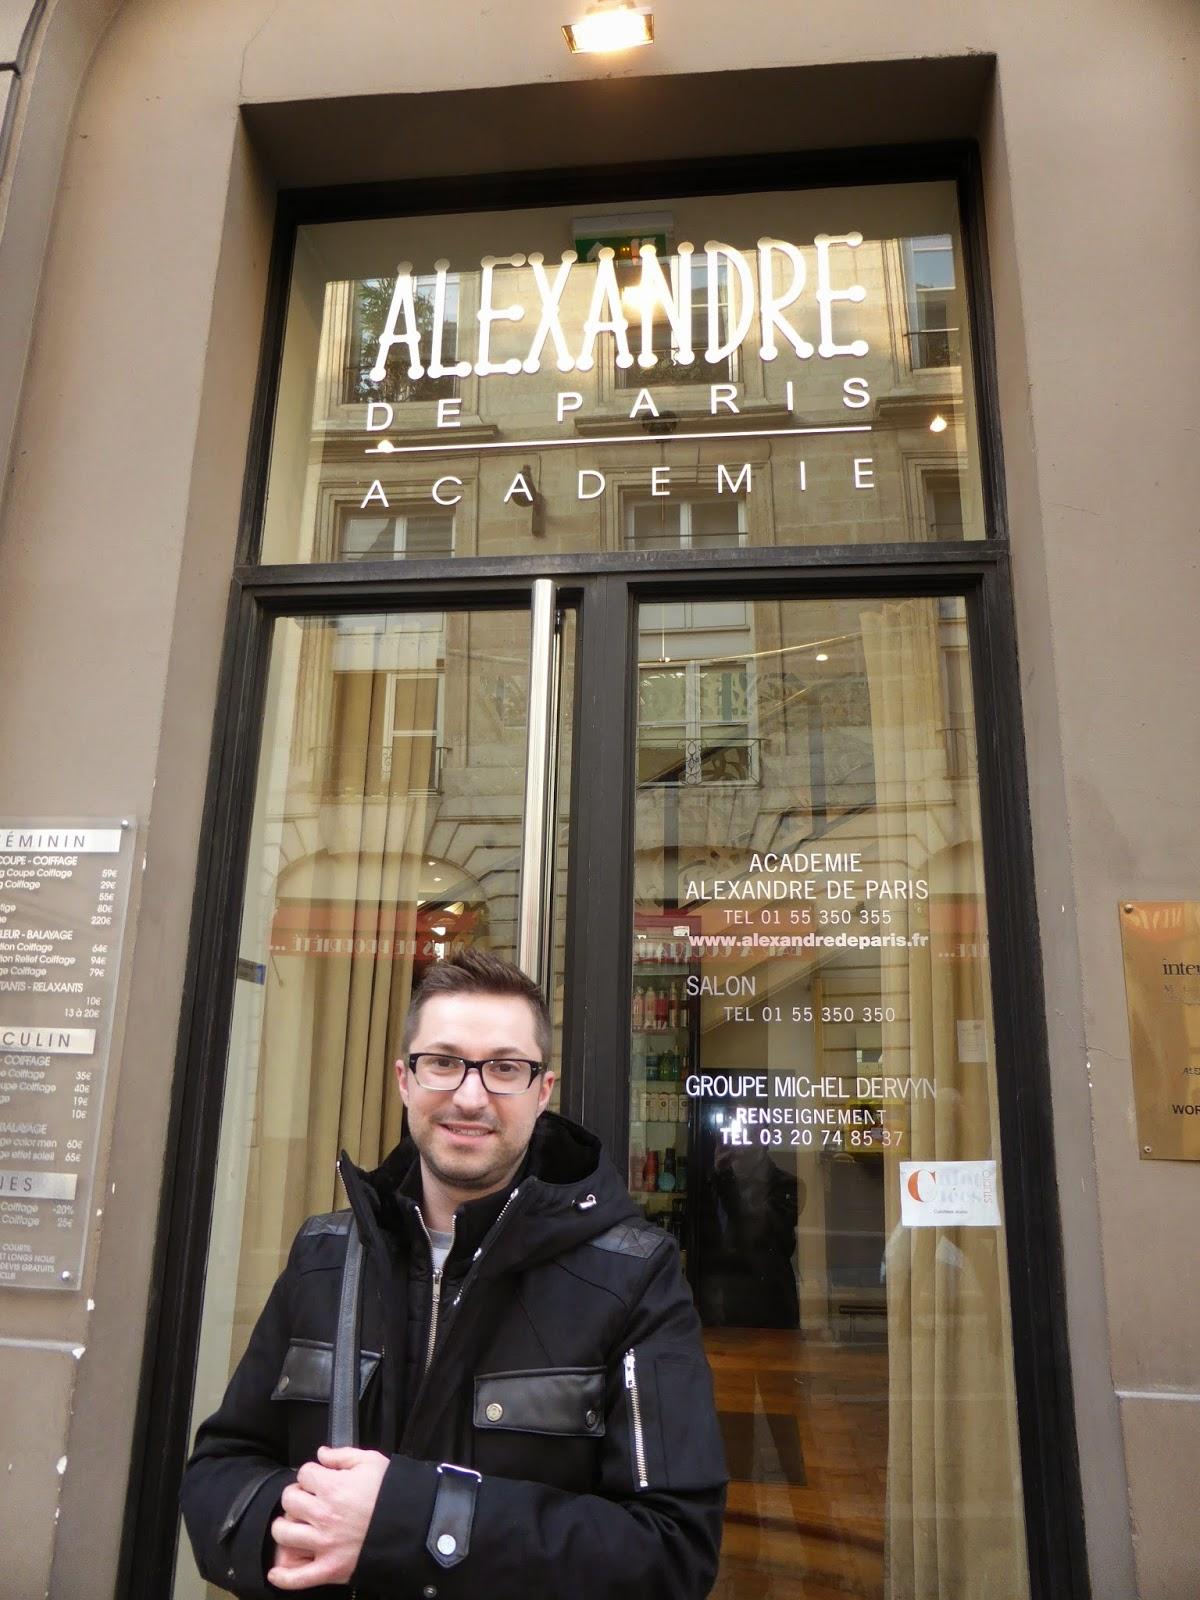 Eddy, coiffeur visagiste, coloriste, maquilleur à Montpellier,  devant l'entrée de l'Académie Alexandre de Paris, rue Vivienne à Paris.